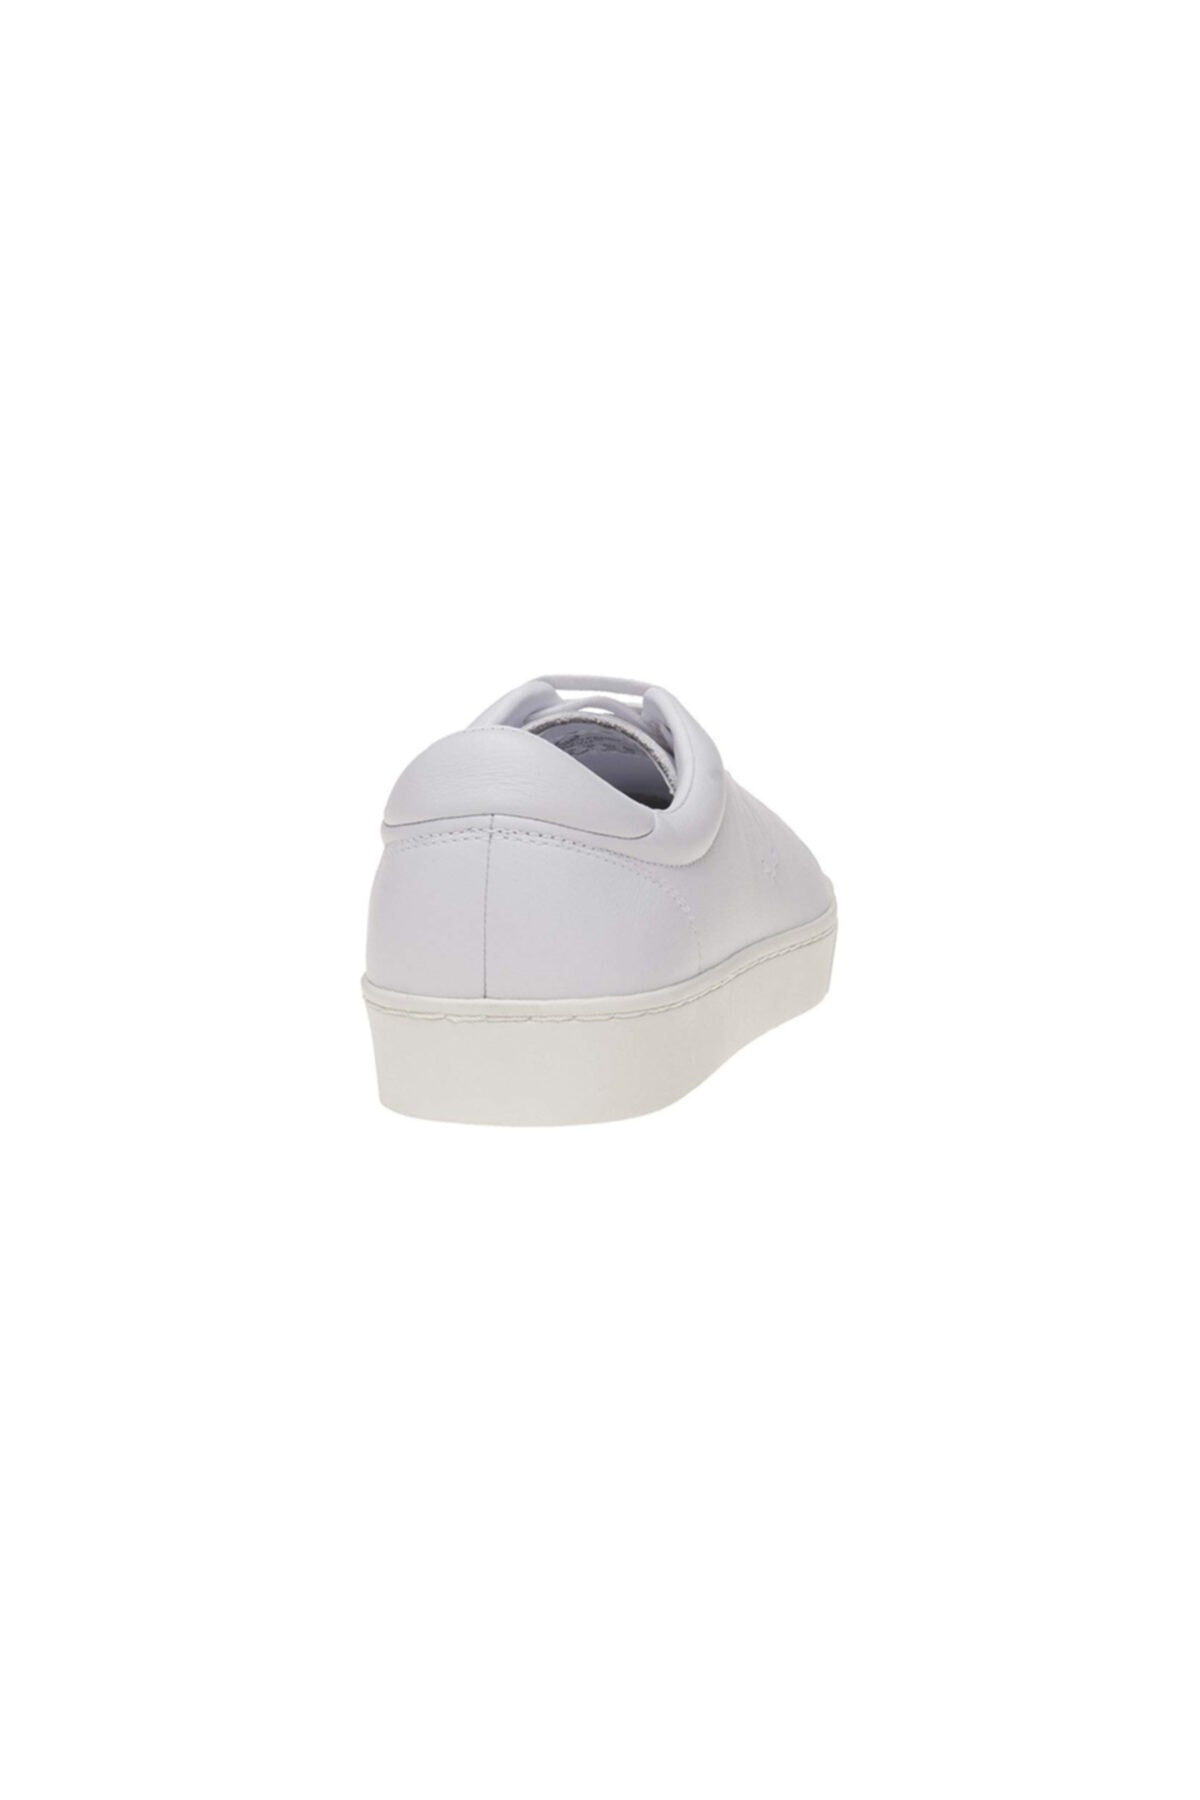 Fred Perry Kadın Beyaz Casual Ayakkabı 181FRPKAYBC2017_F100 1